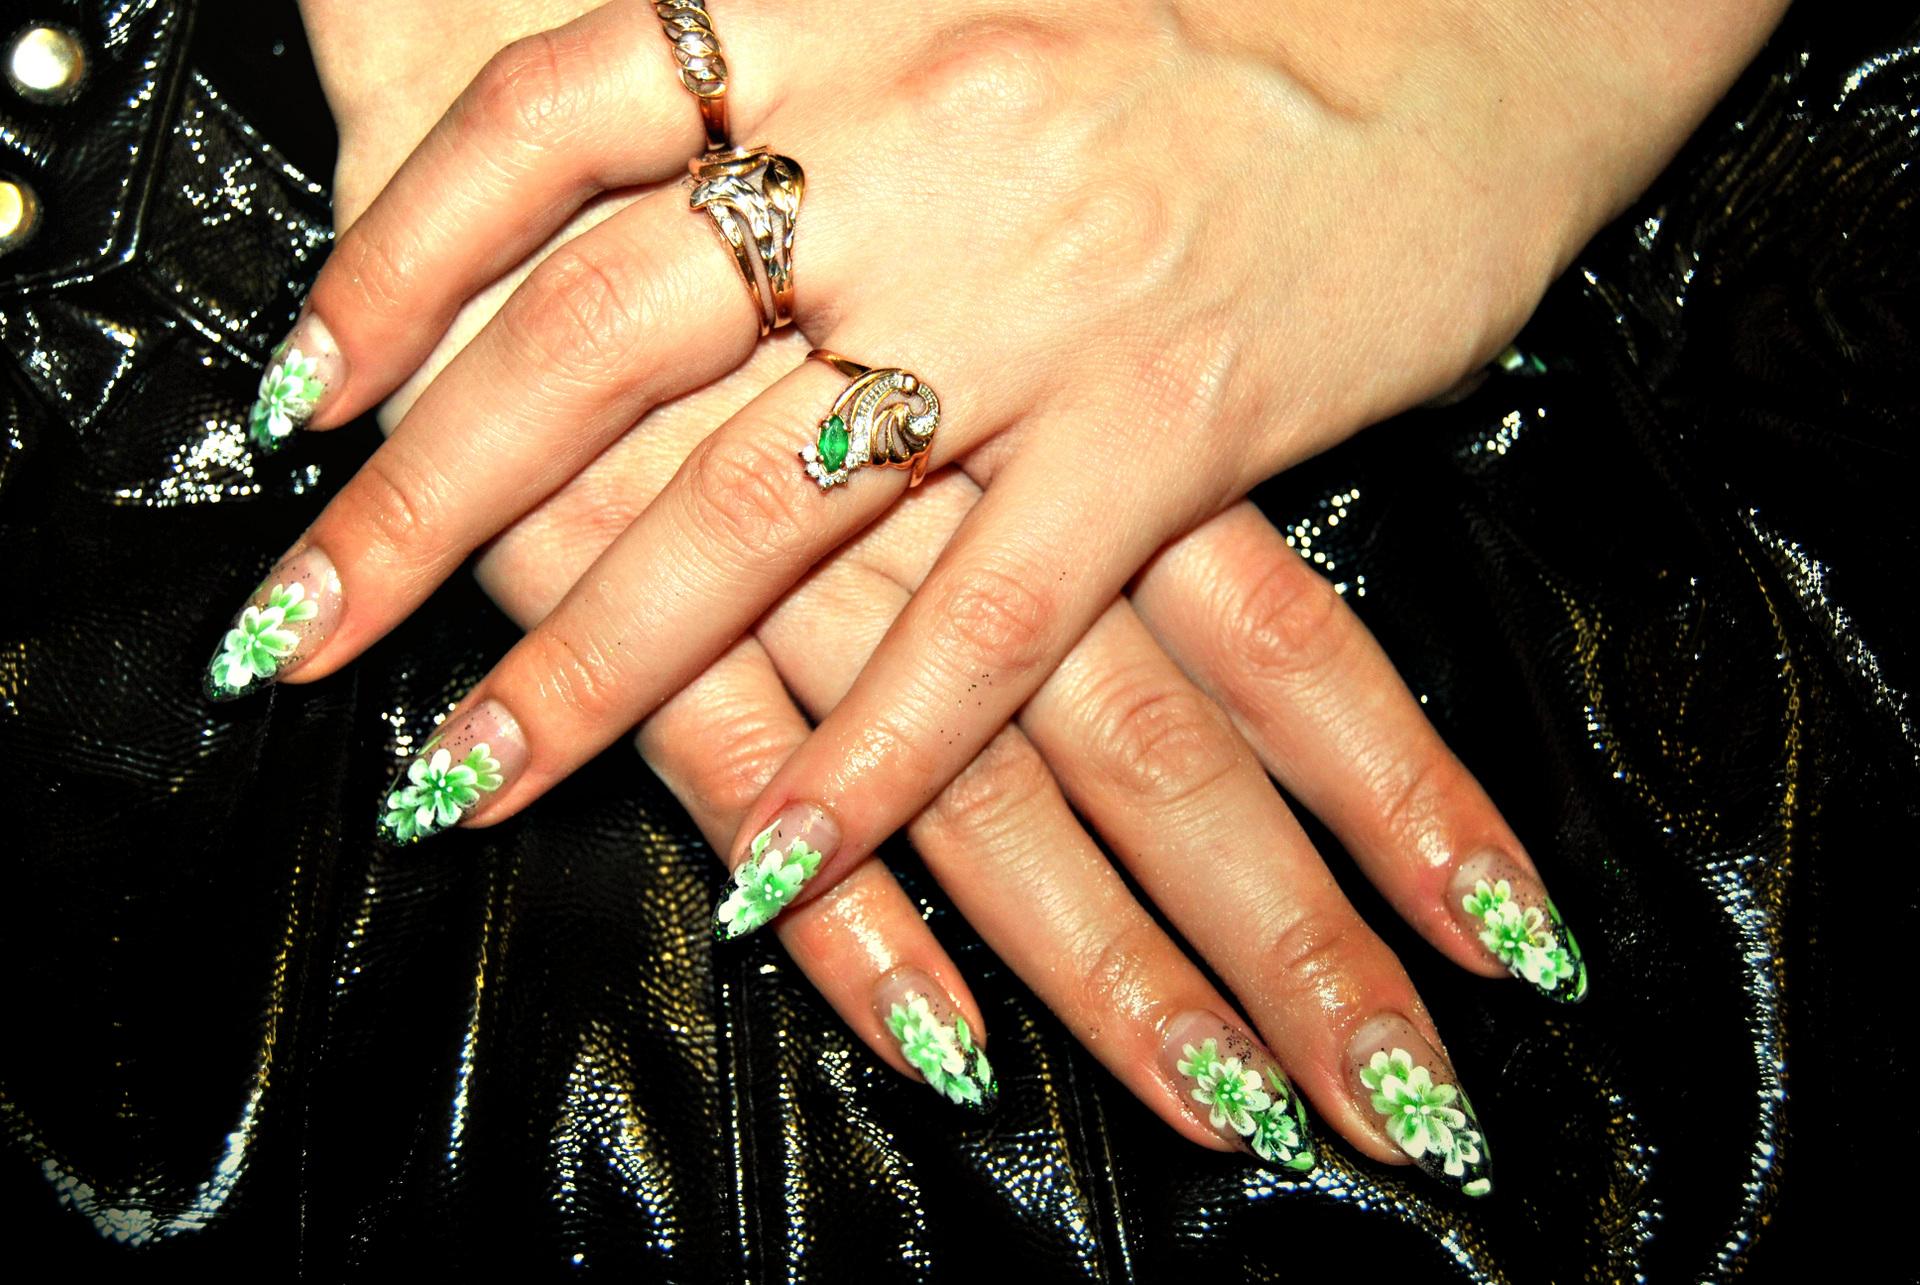 Нарощенные ногти камни фото